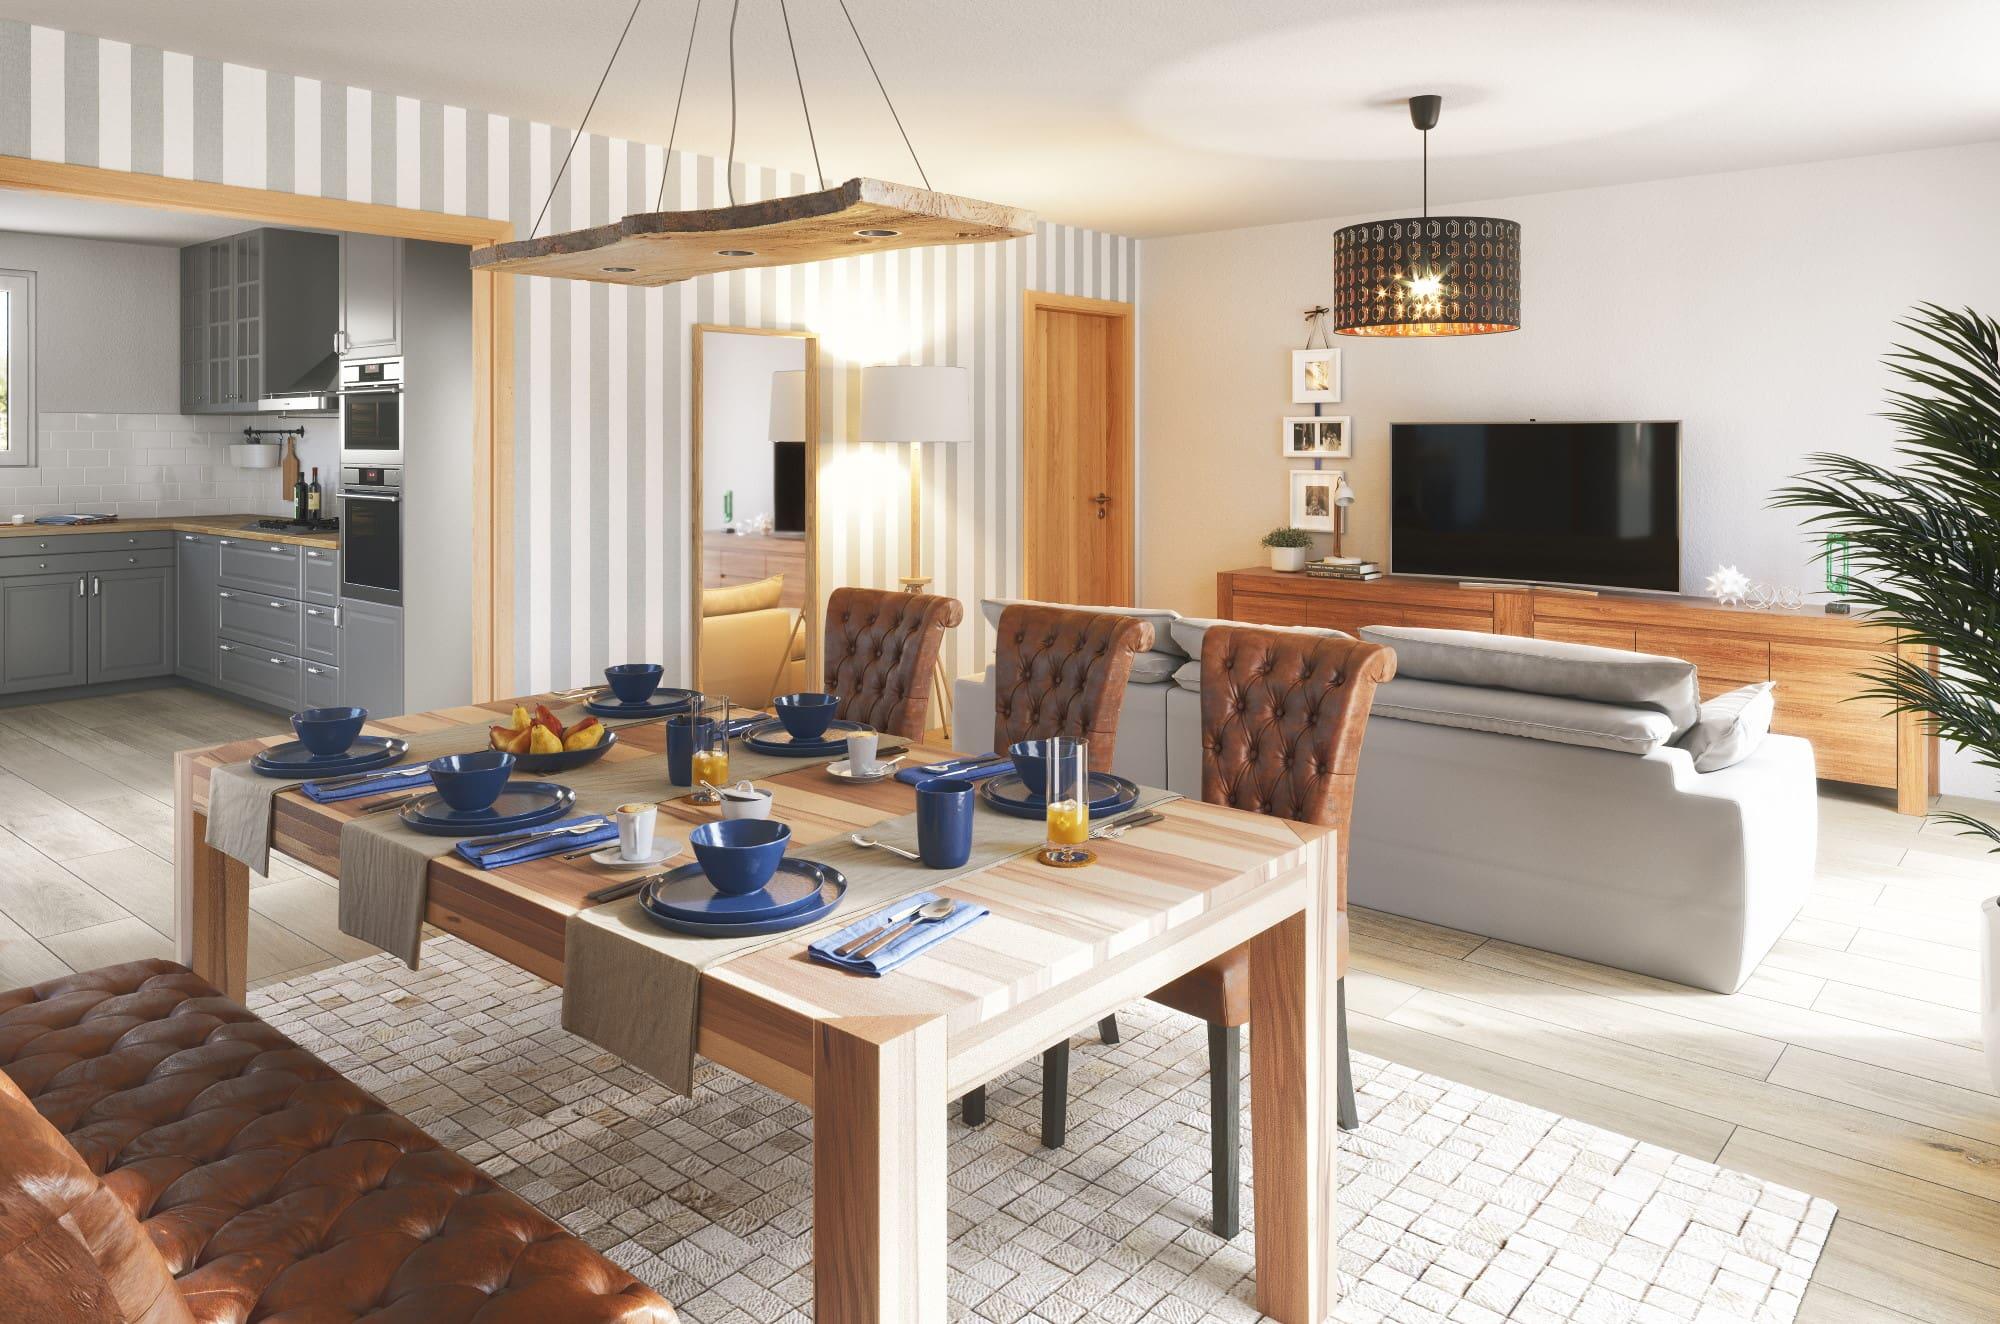 Wohn- Esszimmer mit großem Holztisch & offener Küche - Haus Design Ideen innen Bungalow 110 von Town Country Haus - HausbauDirekt.de